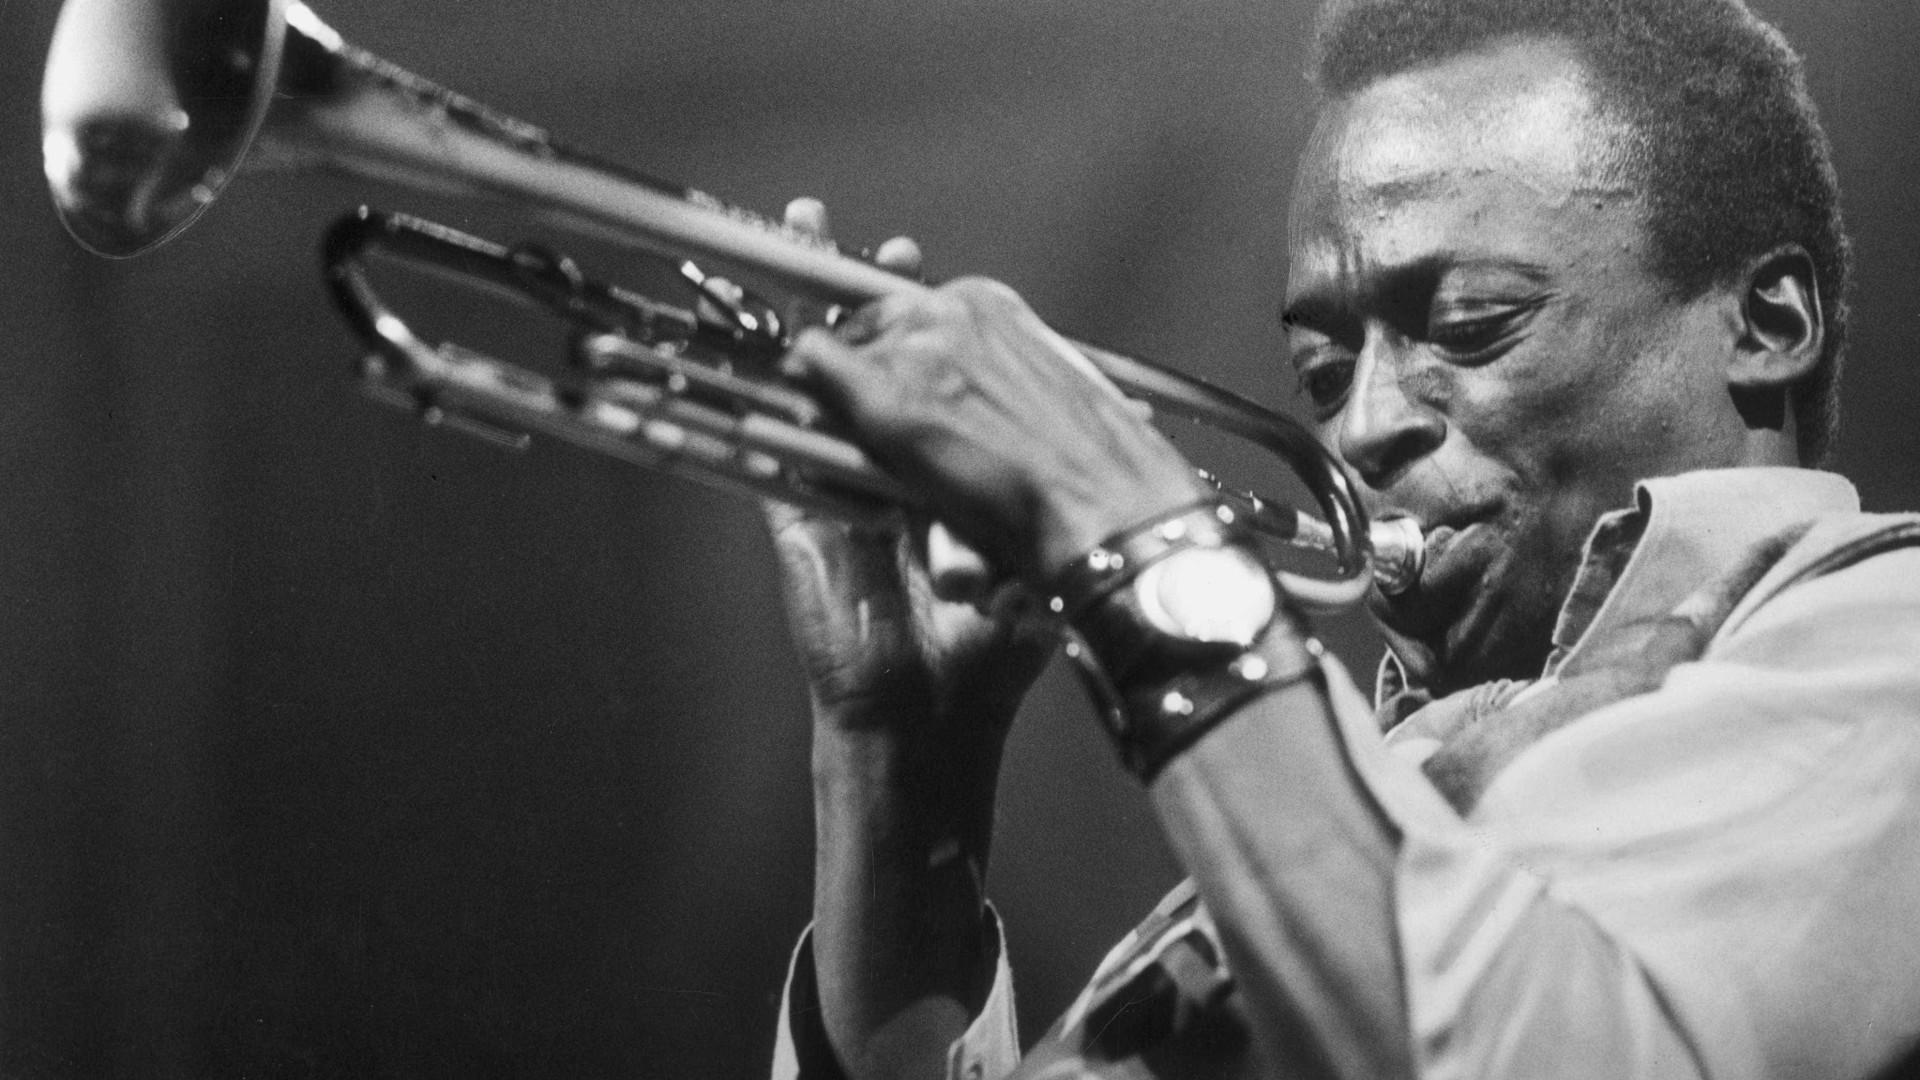 Instituto francês do audiovisual revela inédito de Miles Davis